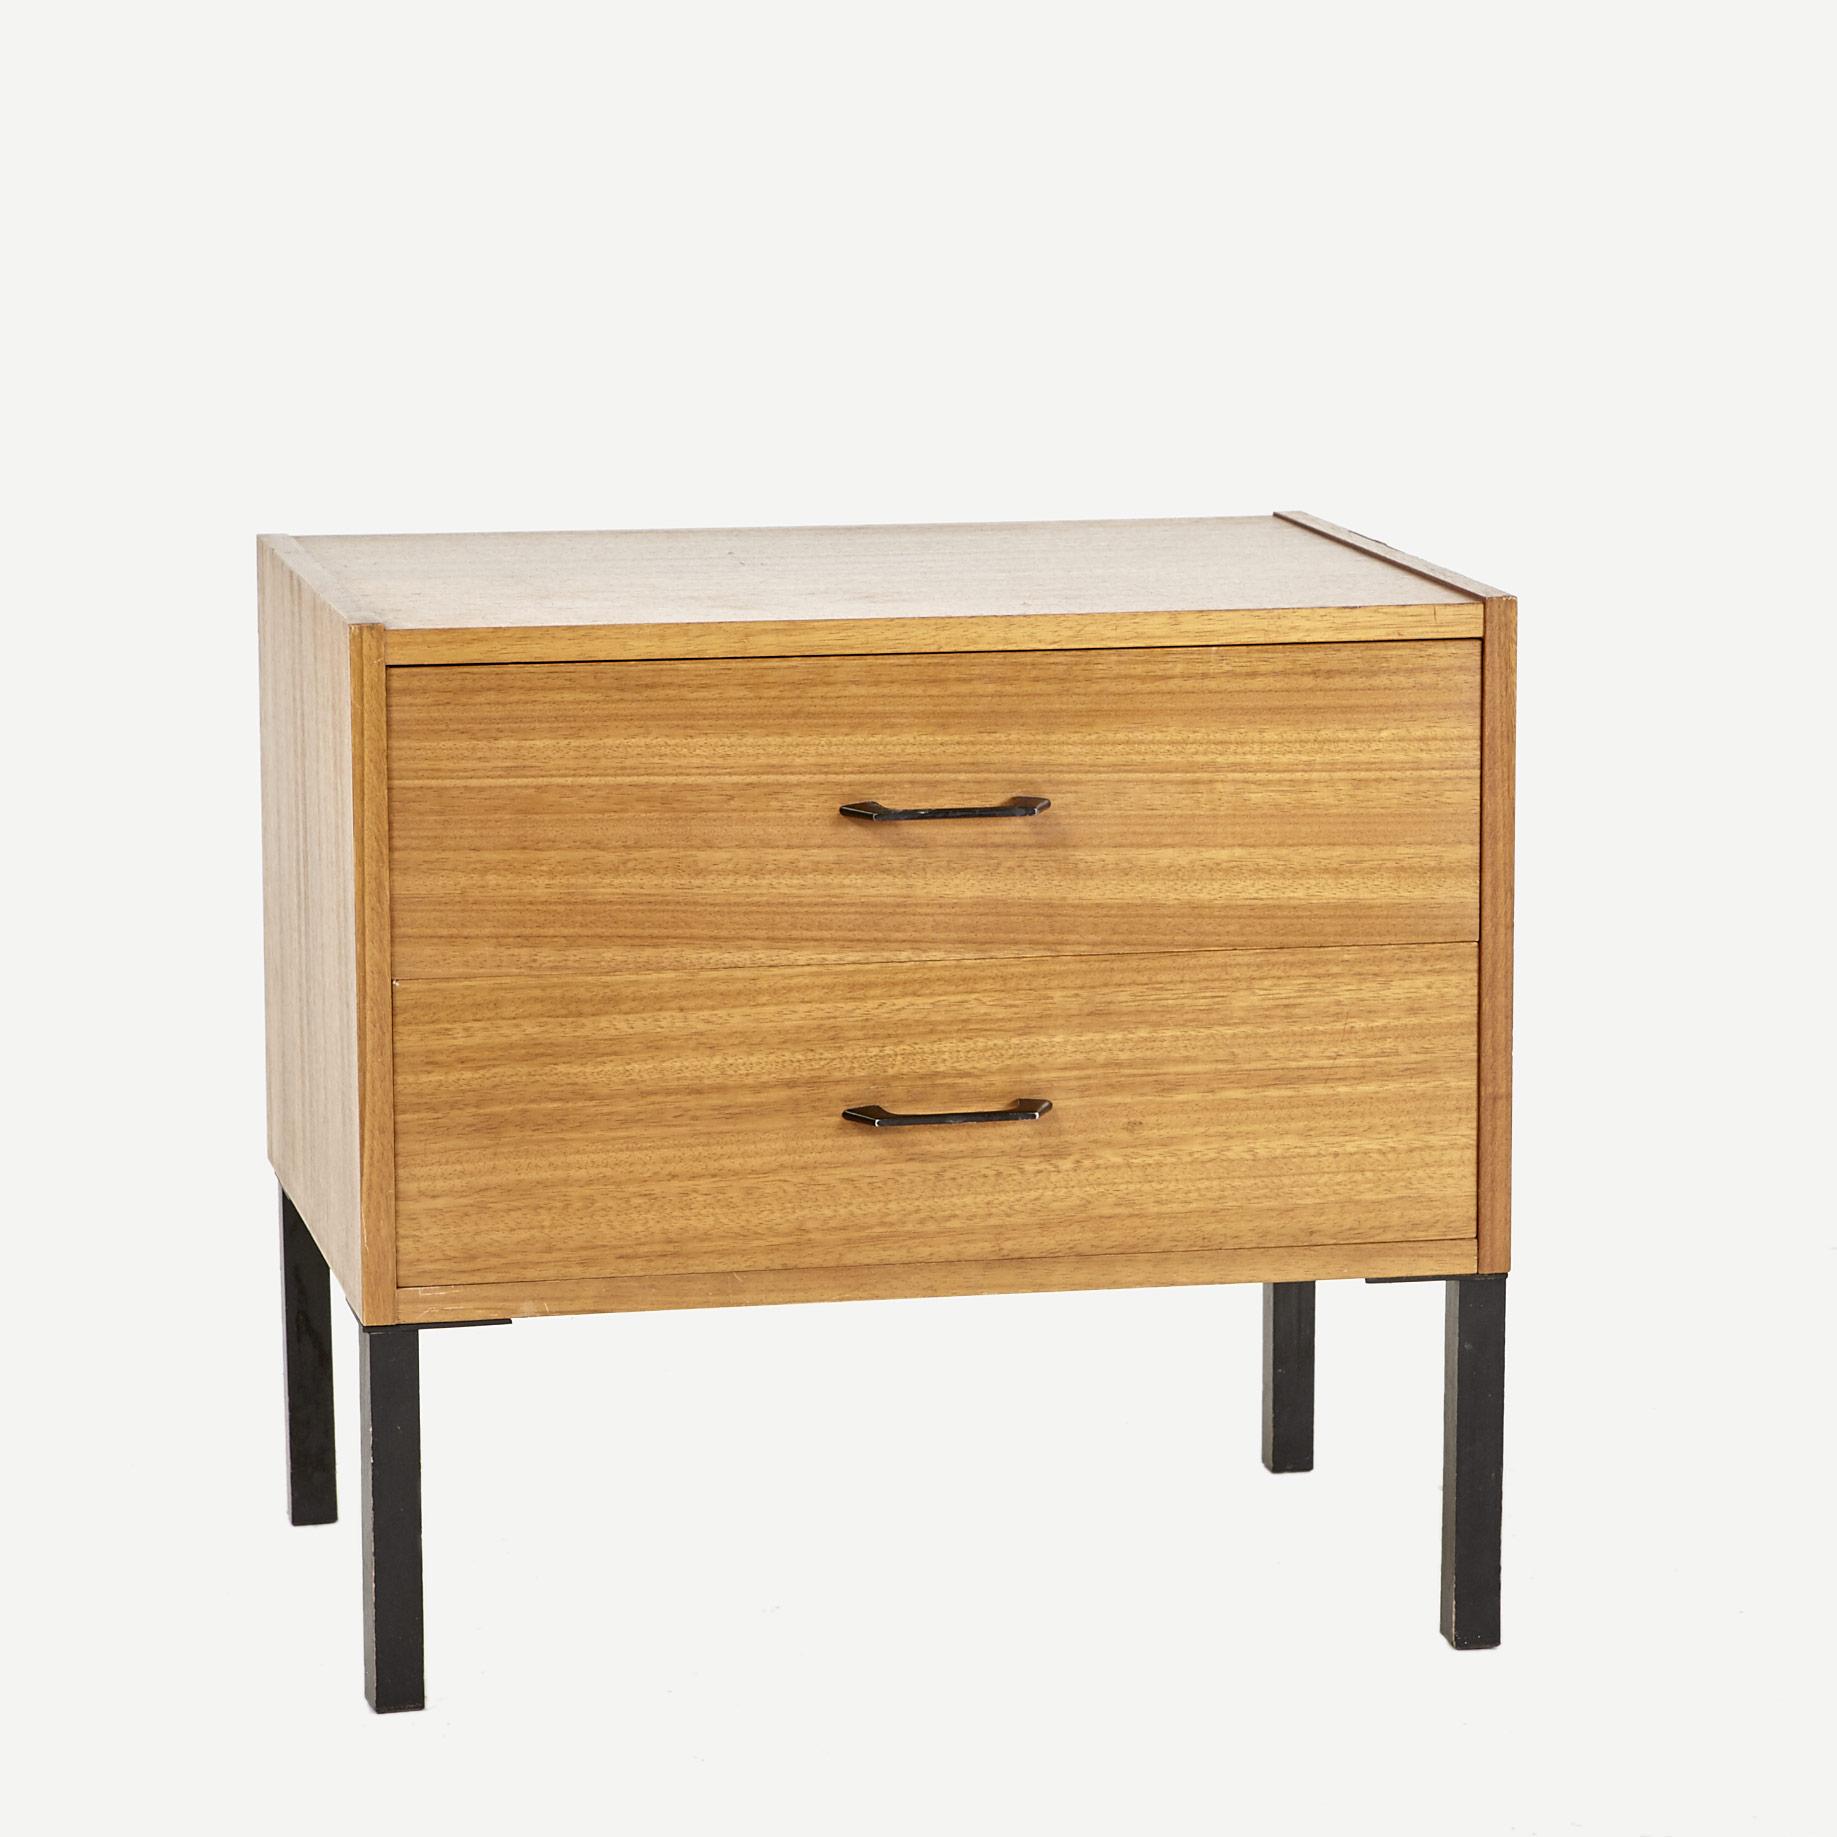 nachttischchen teakfurnier m bel z rich vintagem bel. Black Bedroom Furniture Sets. Home Design Ideas